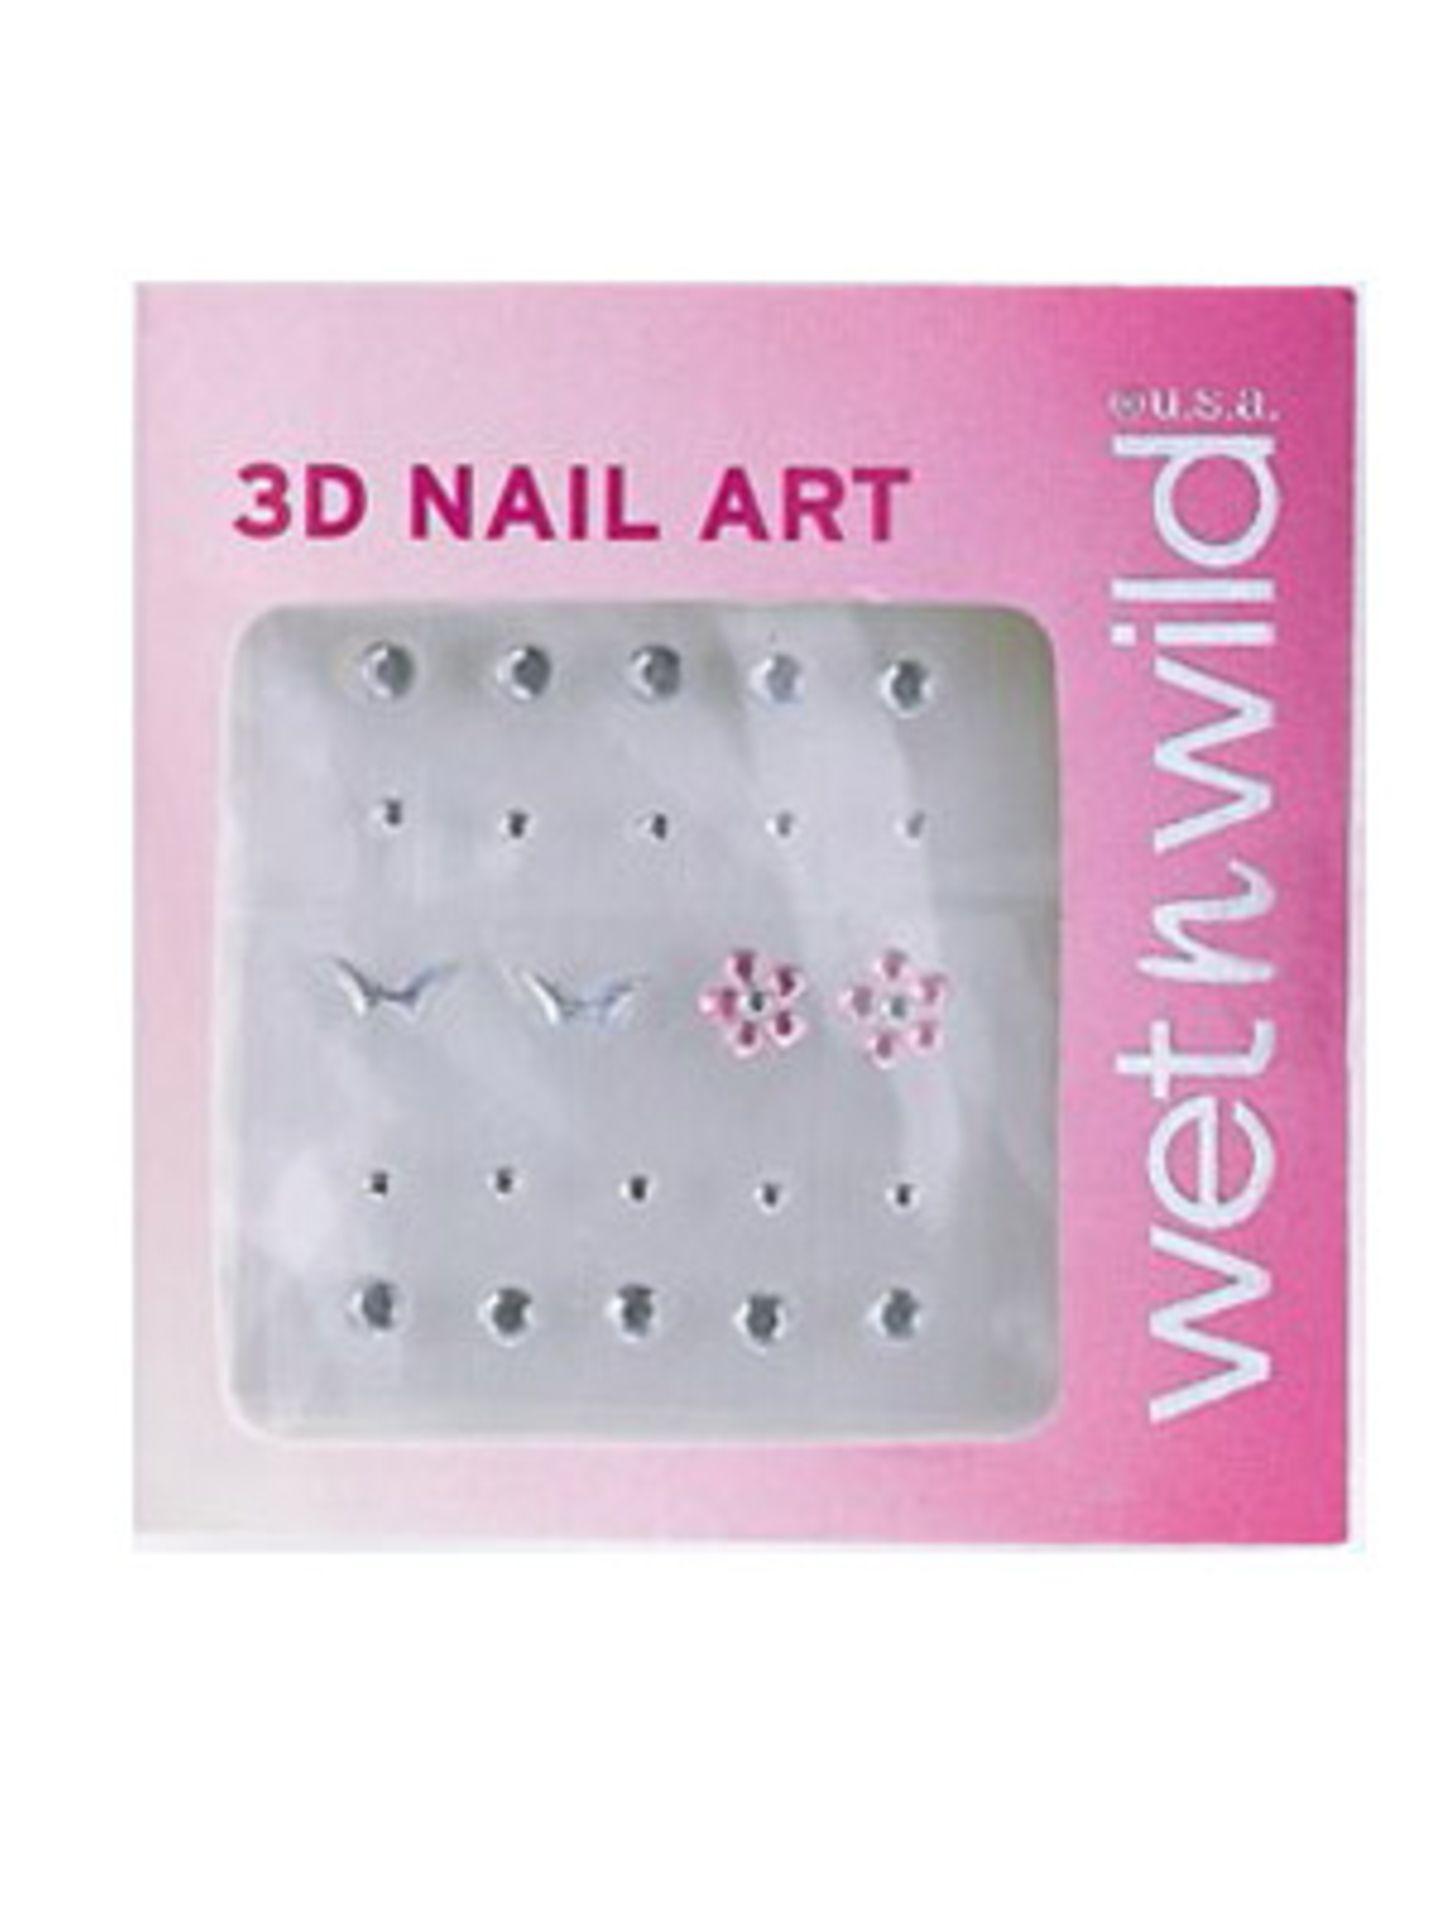 3D-Nailart von Wet'nWild, ca. 1 Euro.